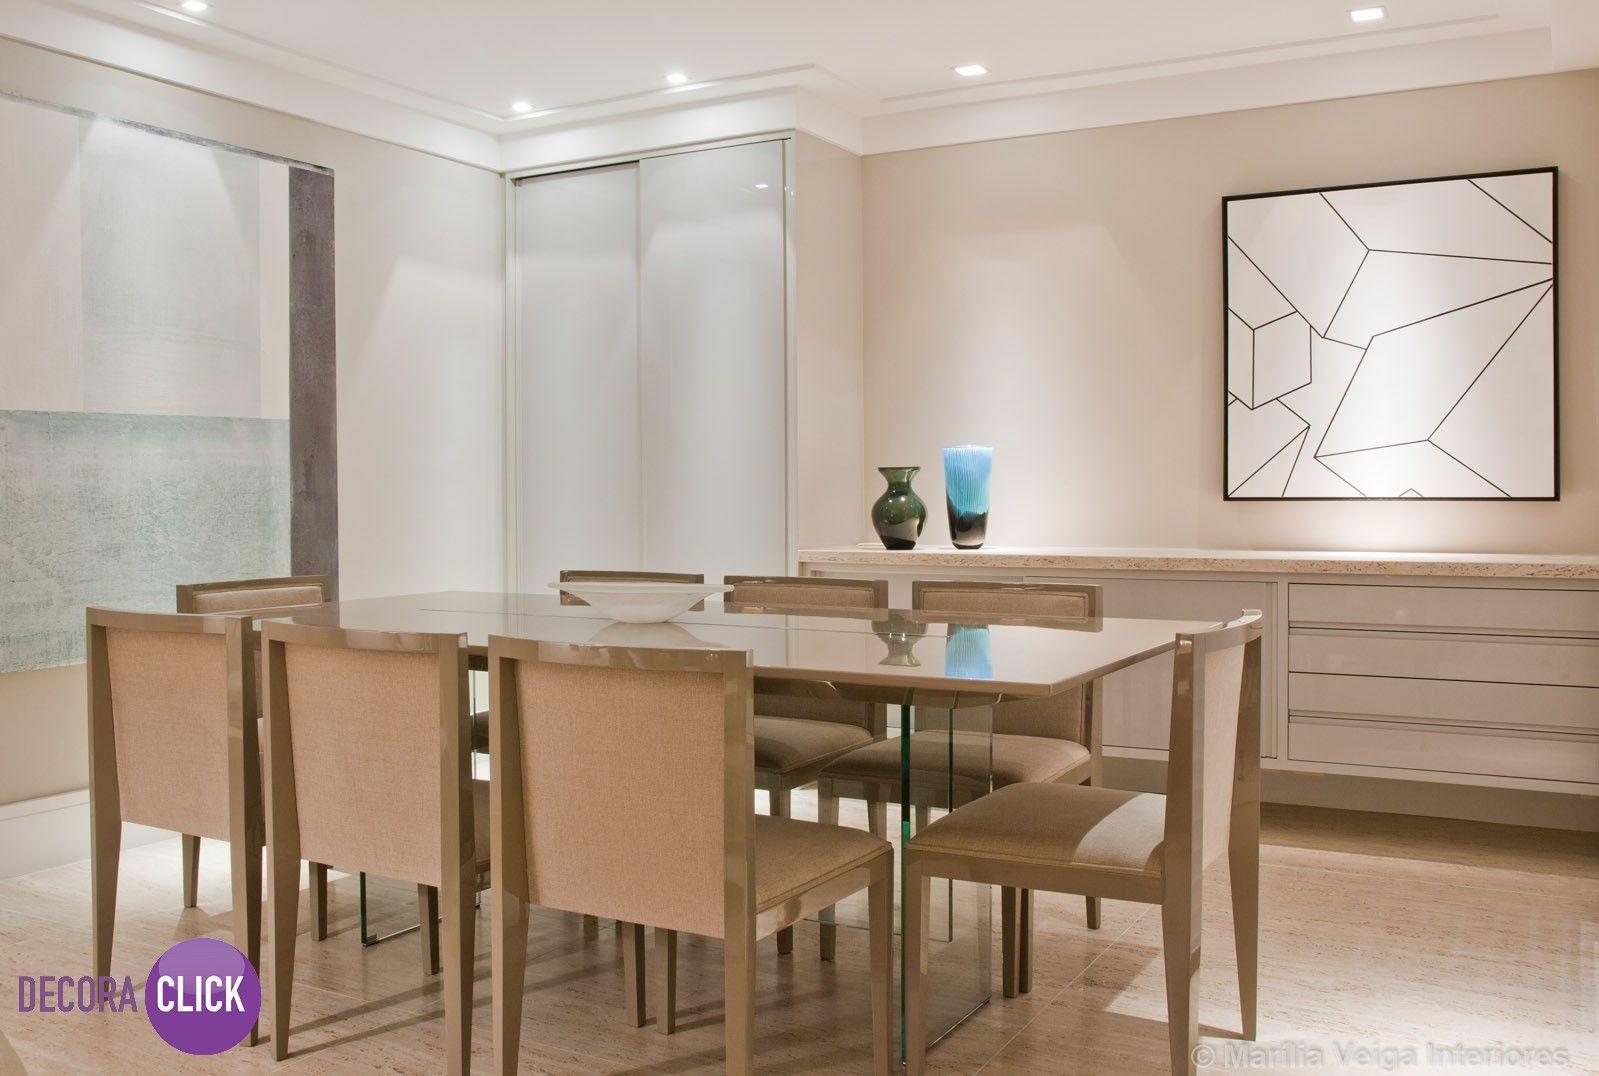 Hoje é dia de SALA DE JANTAR!  A iluminação é um detalhe muito importante na decoração, os spots desse ambiente são super elegantes. O piso e a mesa de jantar ficaram em tons suaves, deixando o ambiente com muito requinte. Desenvolvido por: Marília Veiga.